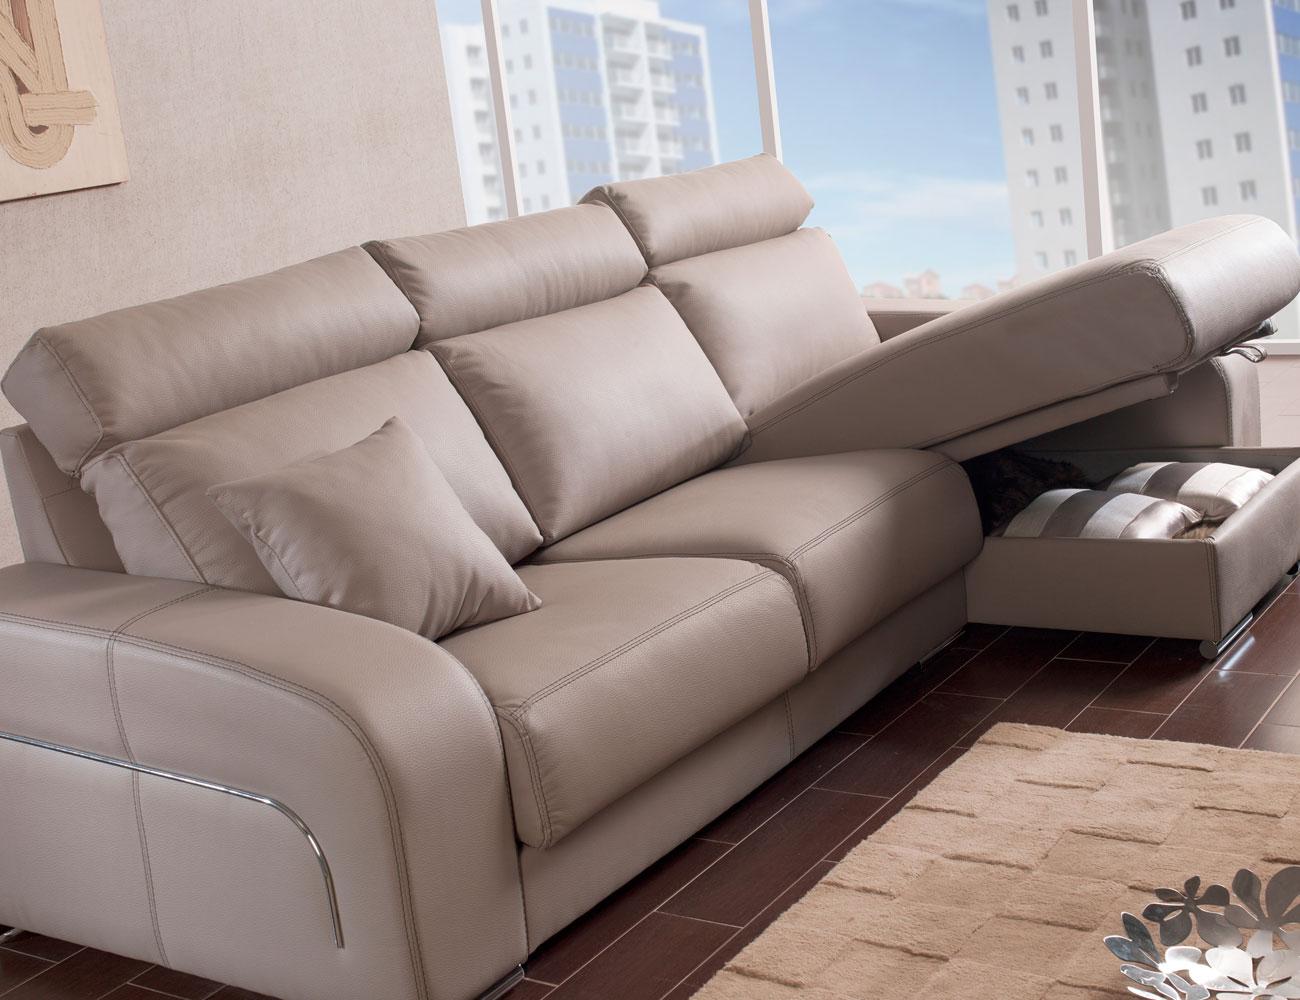 Sofa chaiselongue moderno pared cero arcon38